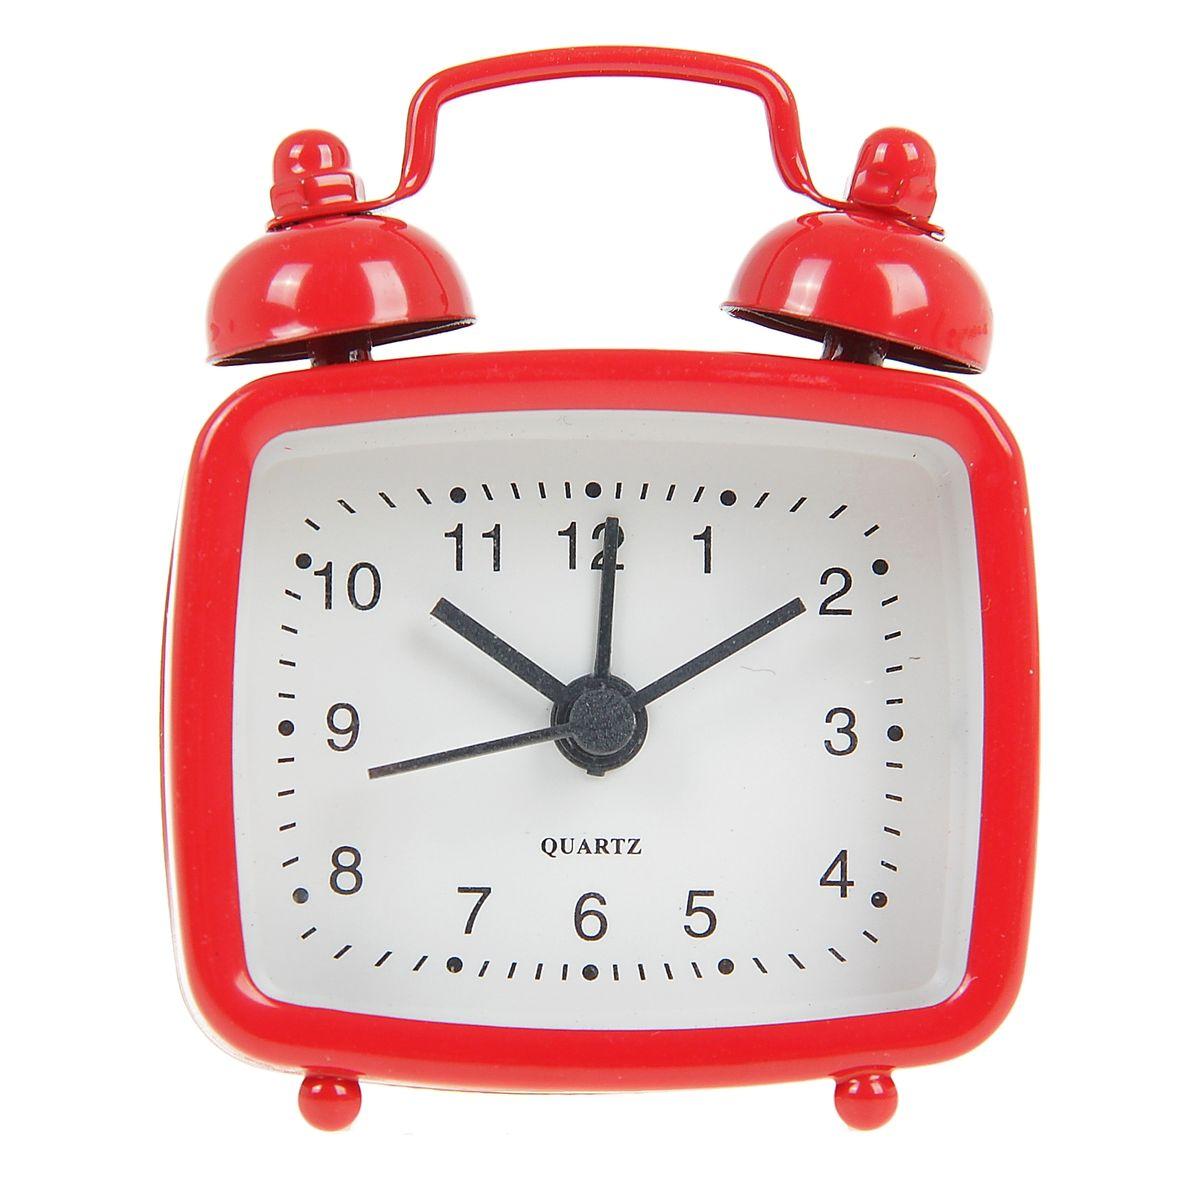 Часы-будильник Sima-land, цвет: красный. 840943RRM116-gКак же сложно иногда вставать вовремя! Всегда так хочется поспать еще хотя бы 5 минут и бывает, что мы просыпаем. Теперь этого не случится! Яркий, оригинальный будильник Sima-land поможет вам всегда вставать в нужное время и успевать везде и всюду. Будильник украсит вашу комнату и приведет в восхищение друзей. Эта уменьшенная версия привычного будильника умещается на ладони и работает так же громко, как и привычные аналоги. Время показывает точно и будит в установленный час.На задней панели будильника расположены переключатель включения/выключения механизма, а также два колесика для настройки текущего времени и времени звонка будильника.Будильник работает от 1 батарейки типа LR44 (входит в комплект).